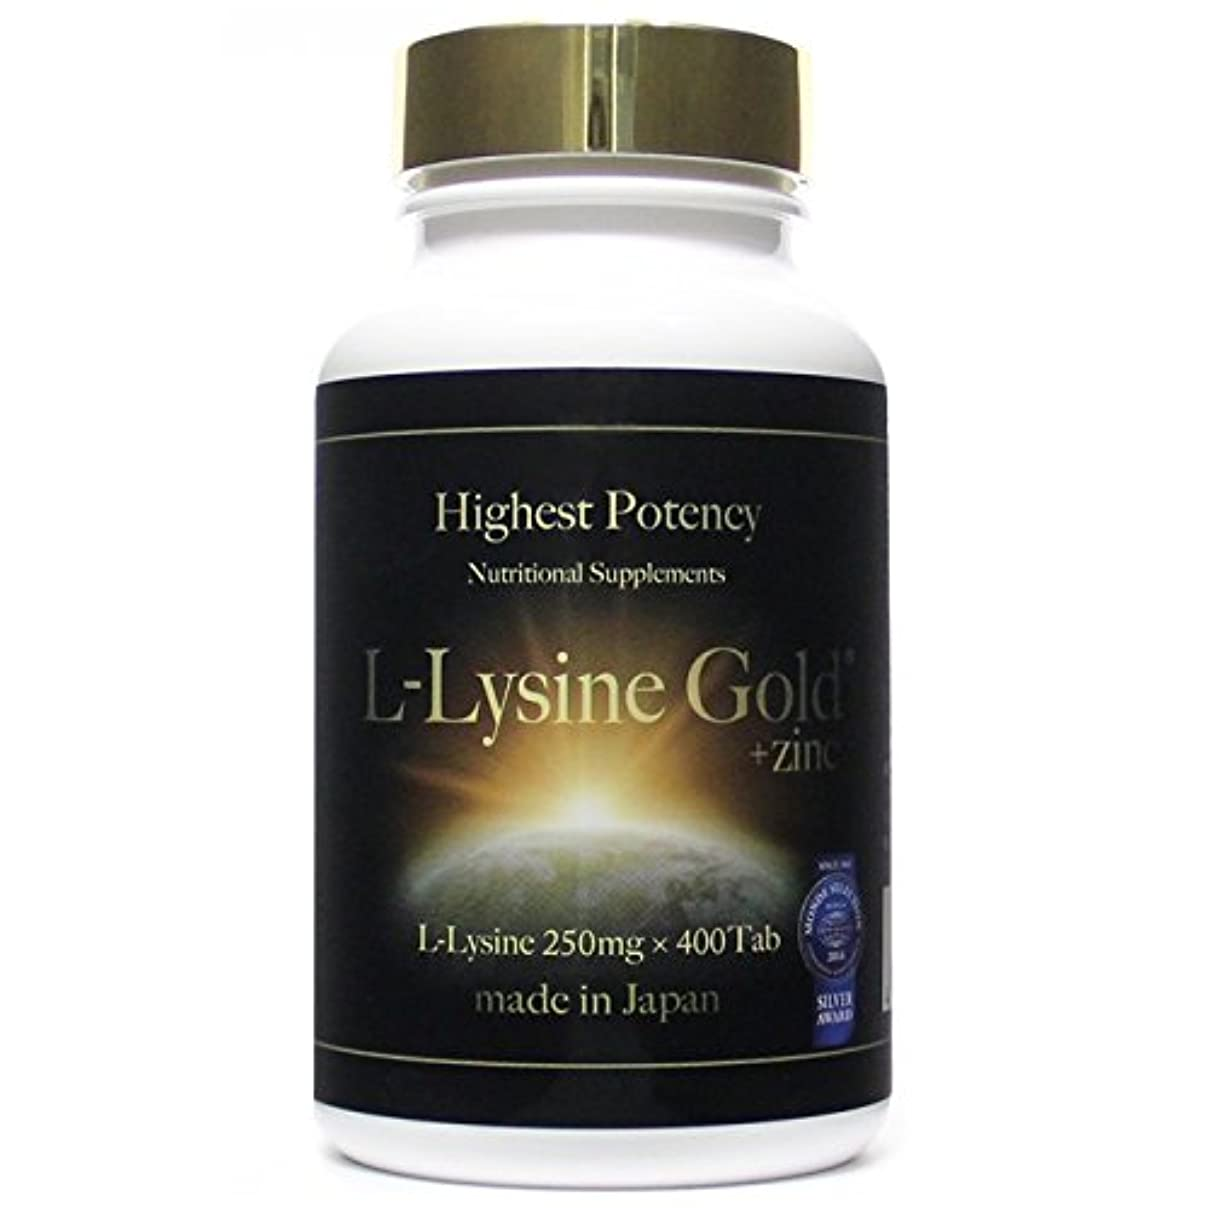 ジュニアパトロールフローサイオ L-リジン ゴールド(L-Lysine GOLD) 400錠 1本